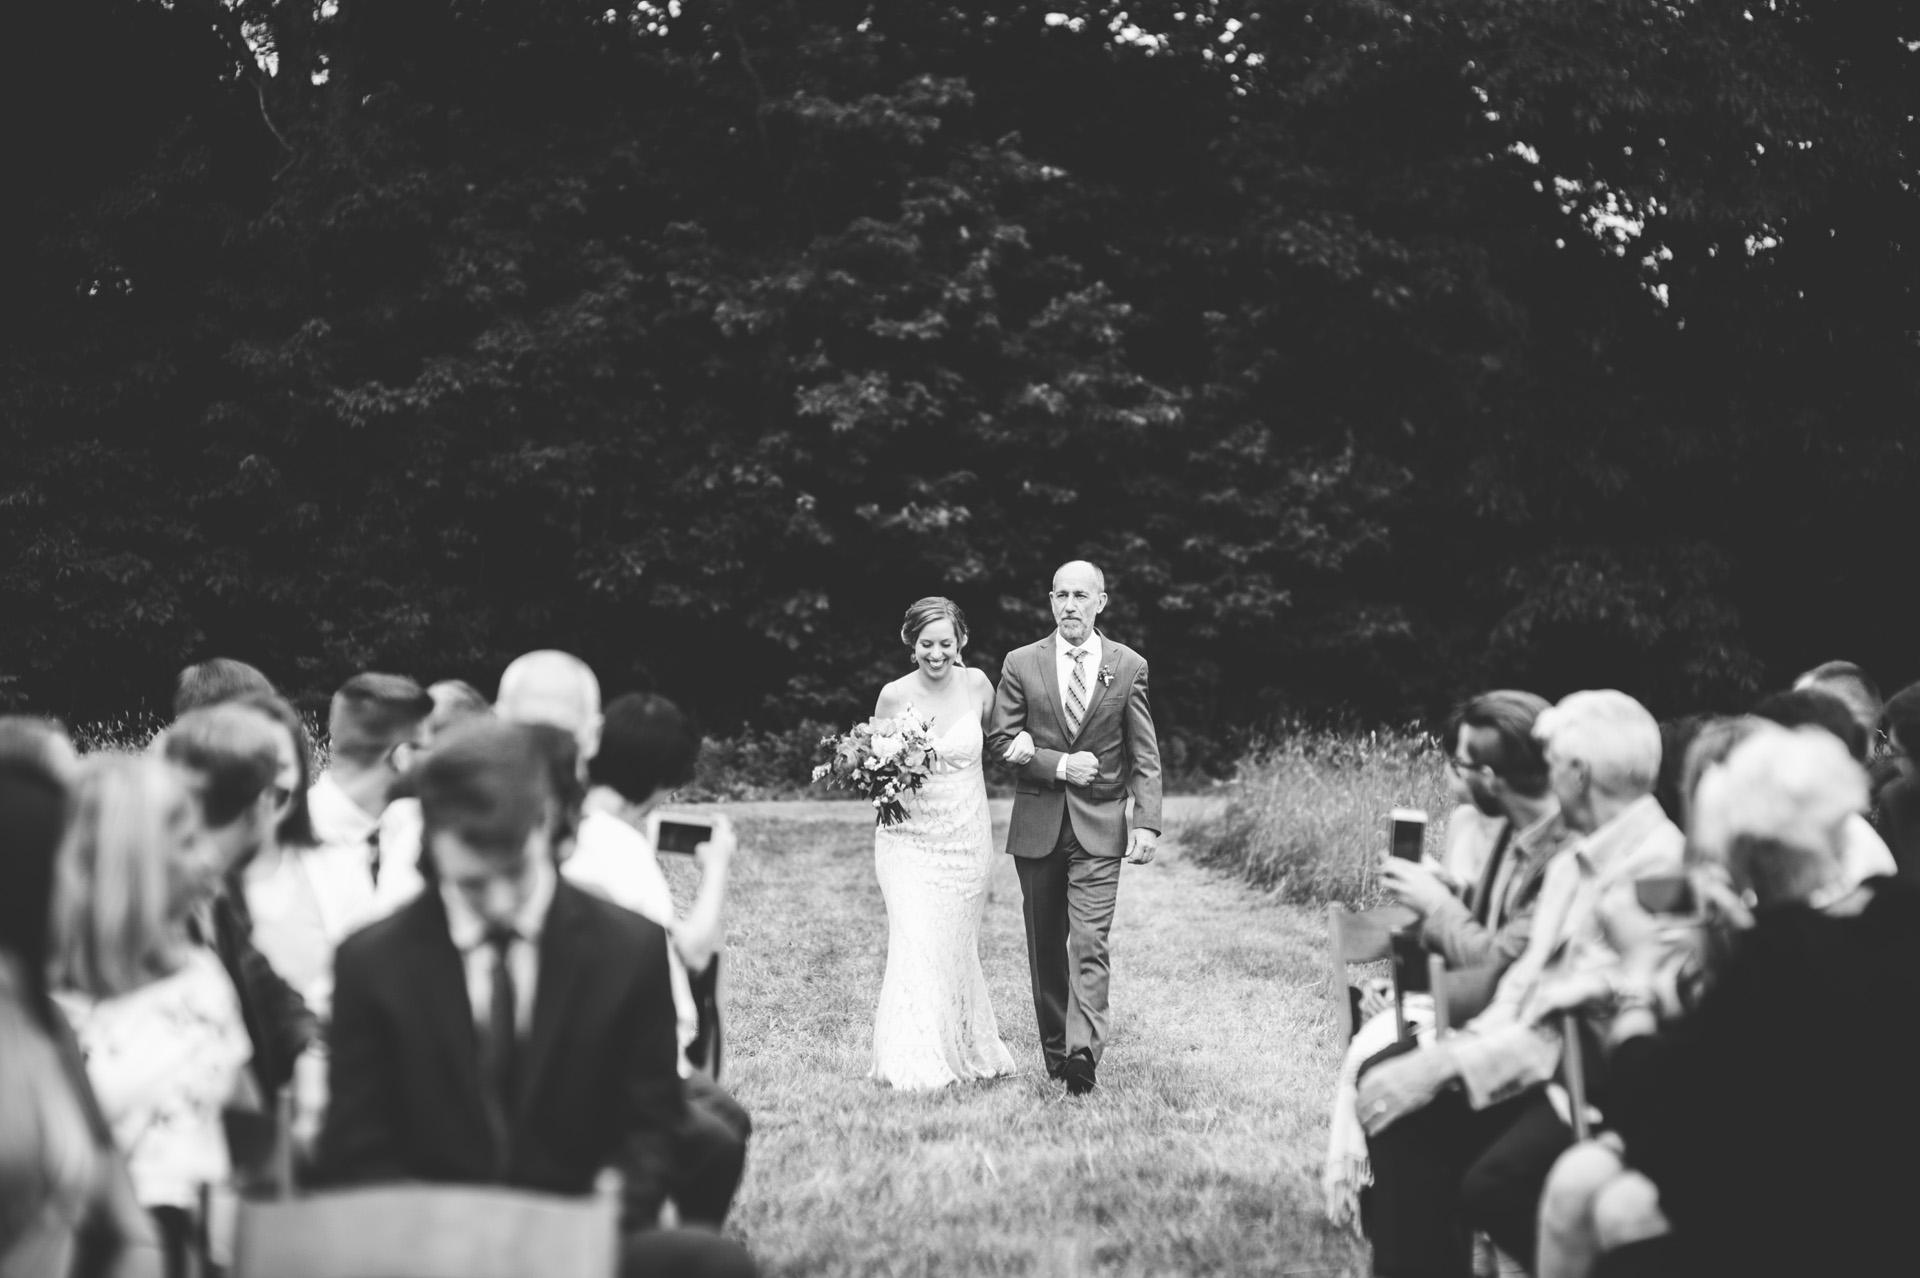 broadturn-farm-wedding-36